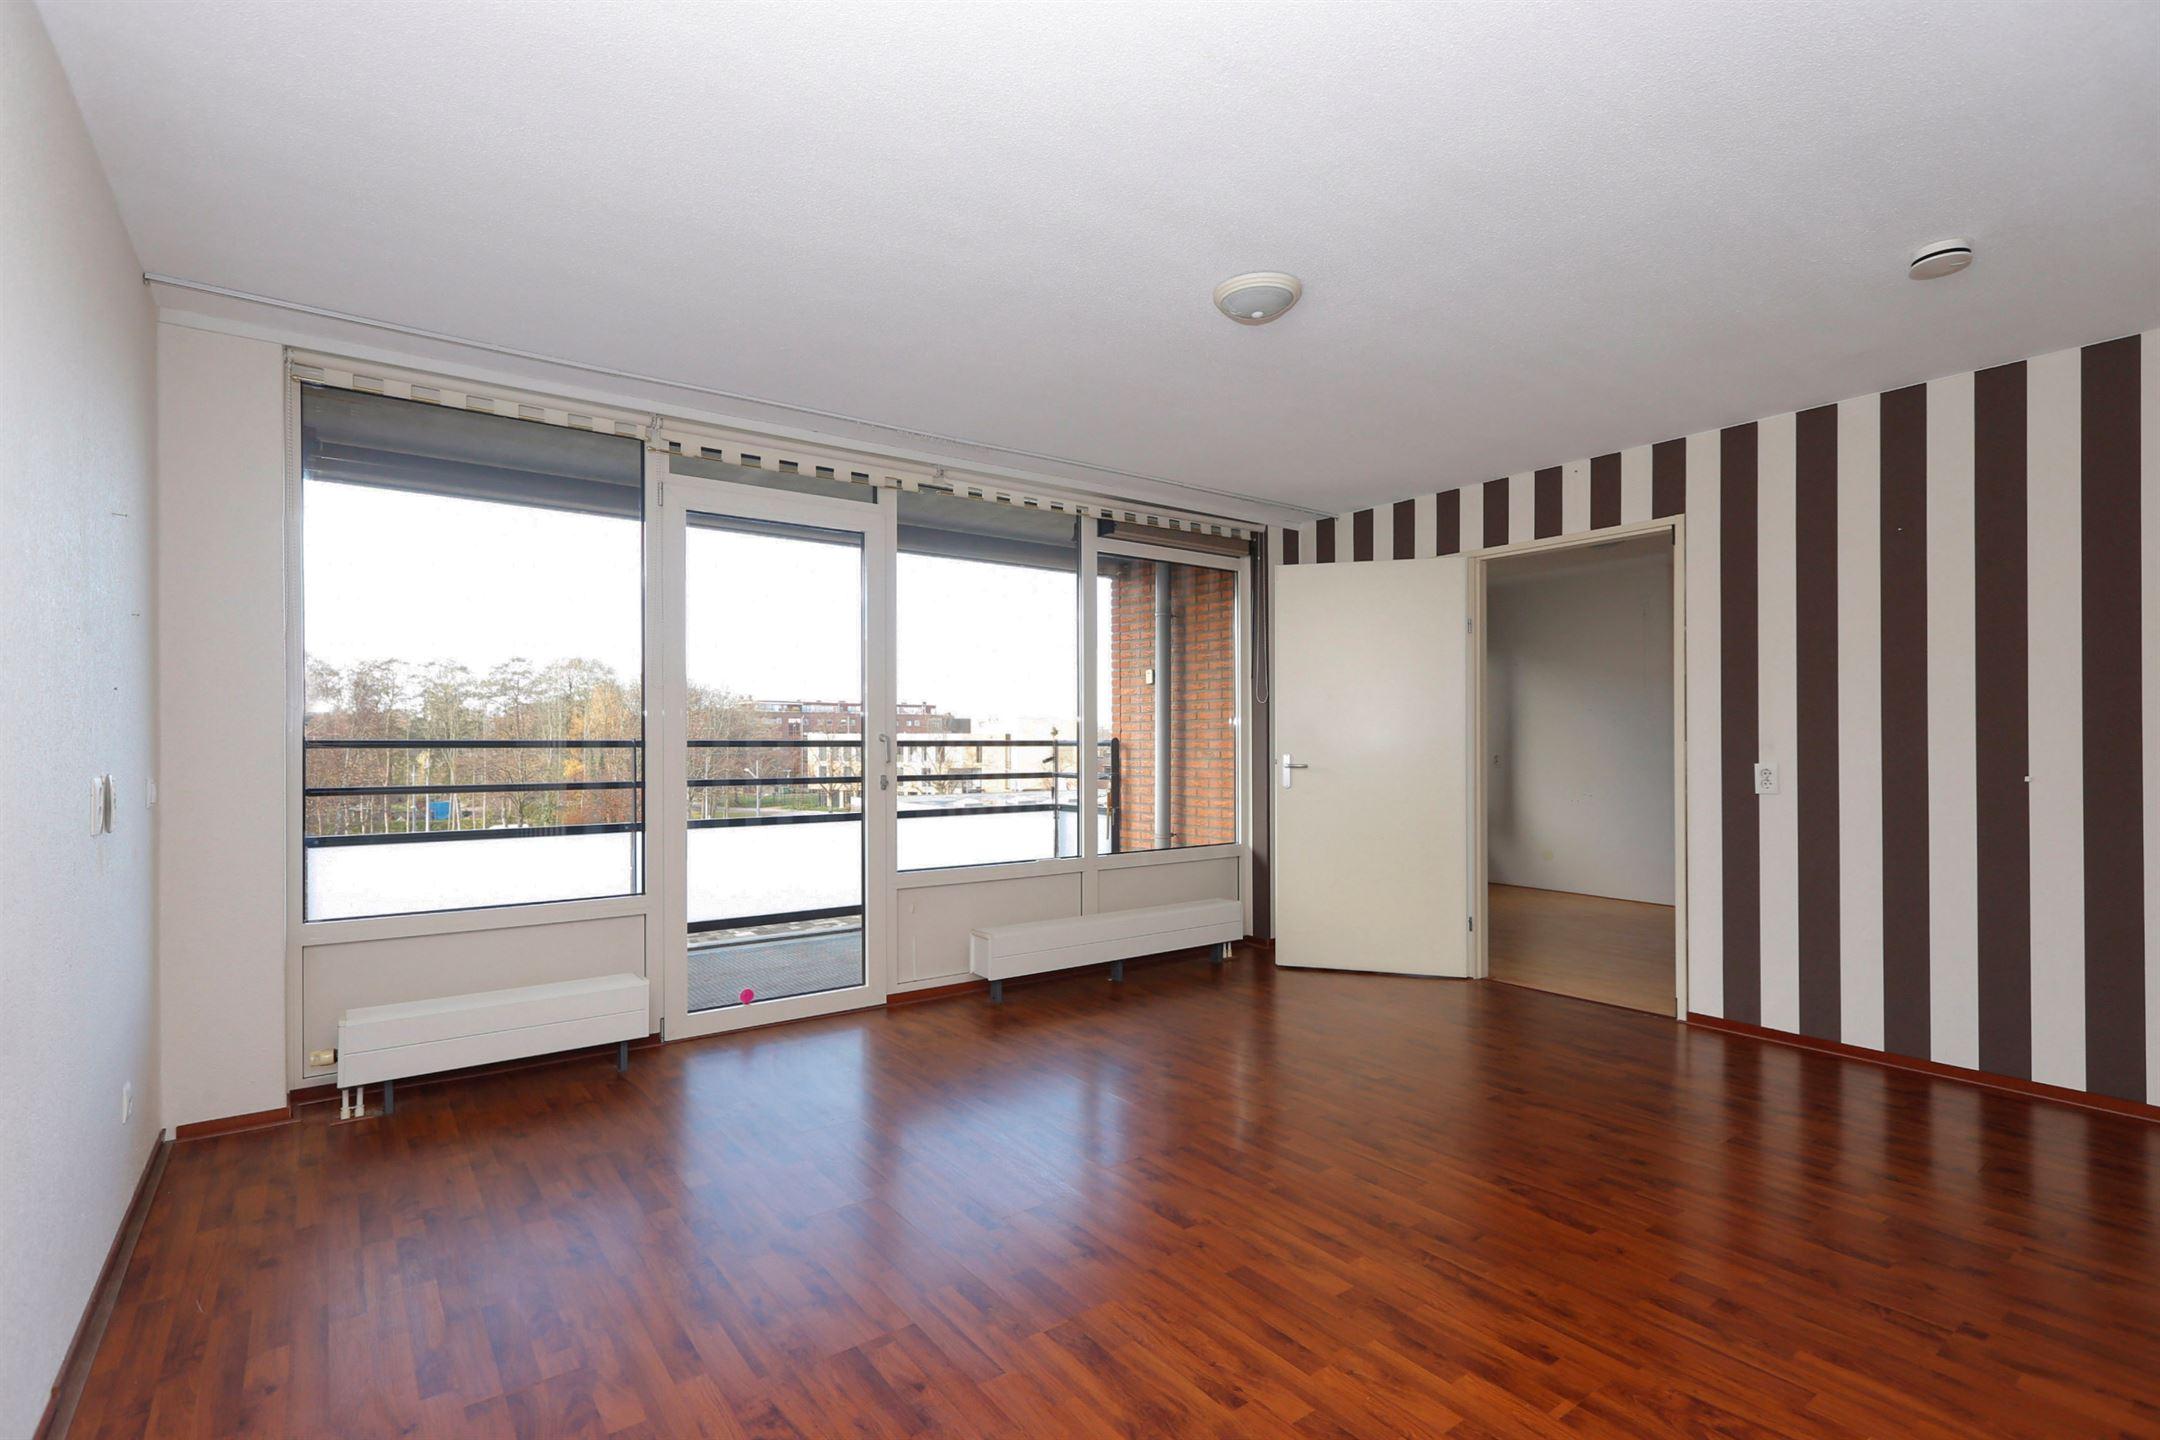 Appartement te koop: zanglijsterstraat 127 3084 nt rotterdam [funda]